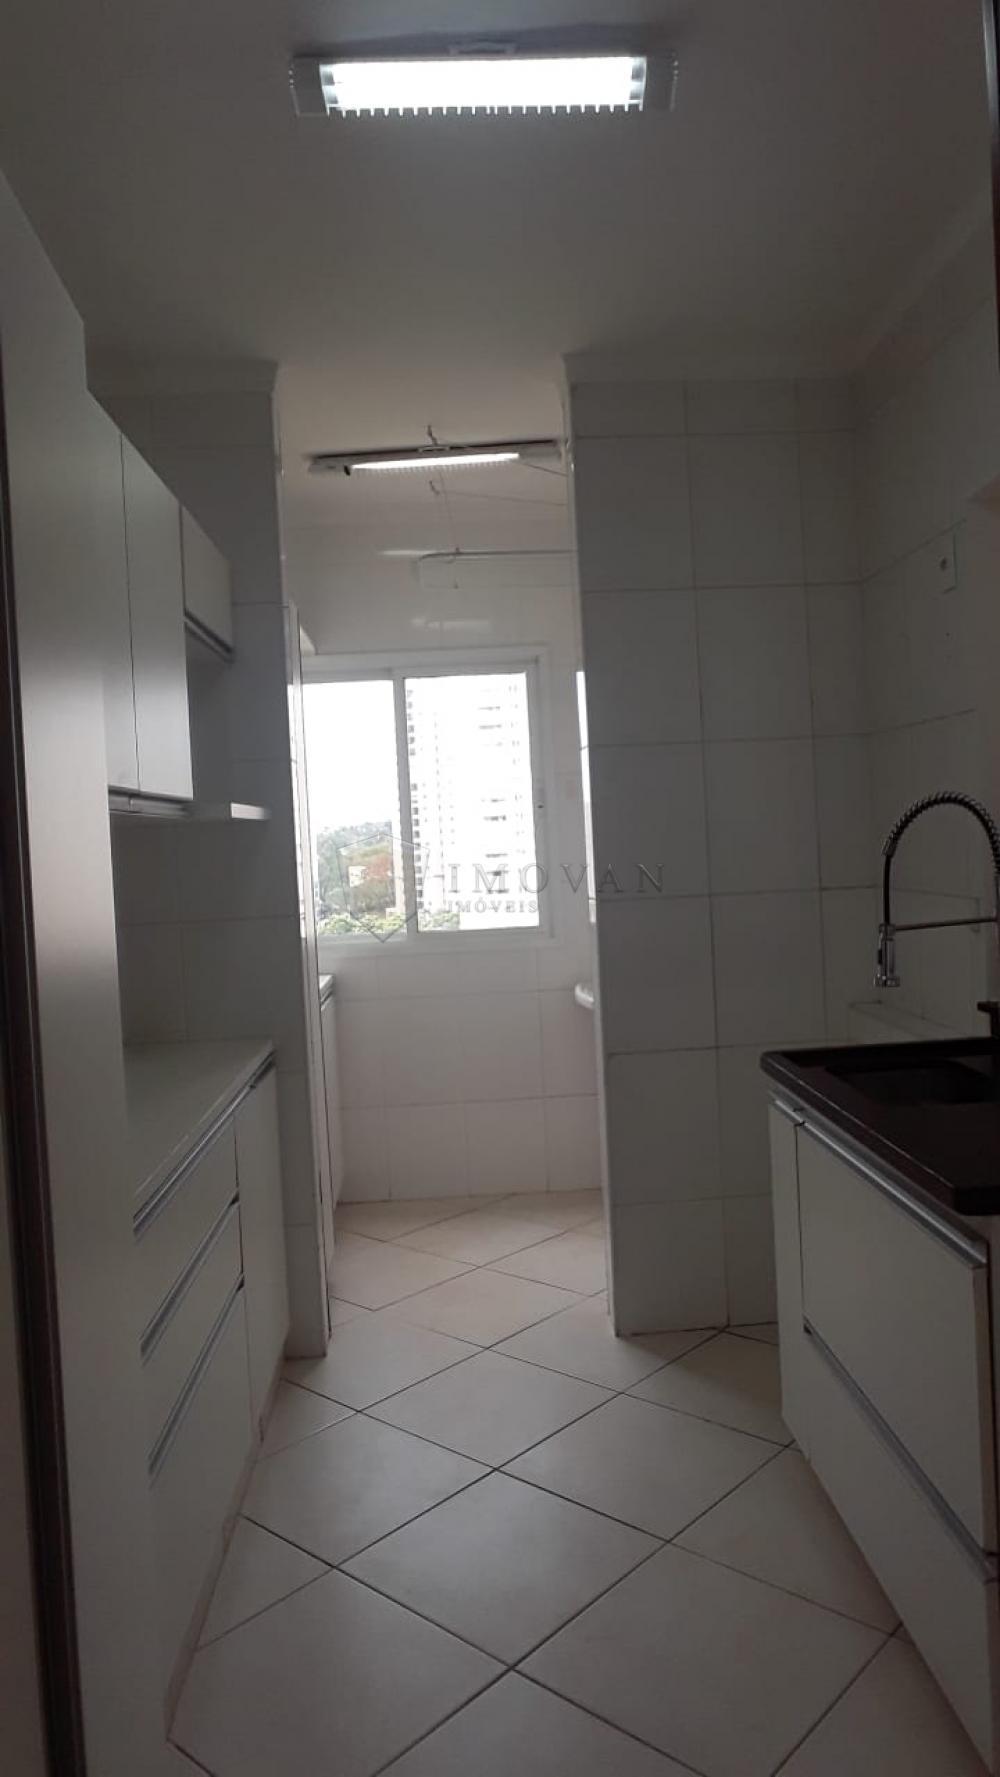 Alugar Apartamento / Cobertura em Ribeirão Preto apenas R$ 1.600,00 - Foto 5